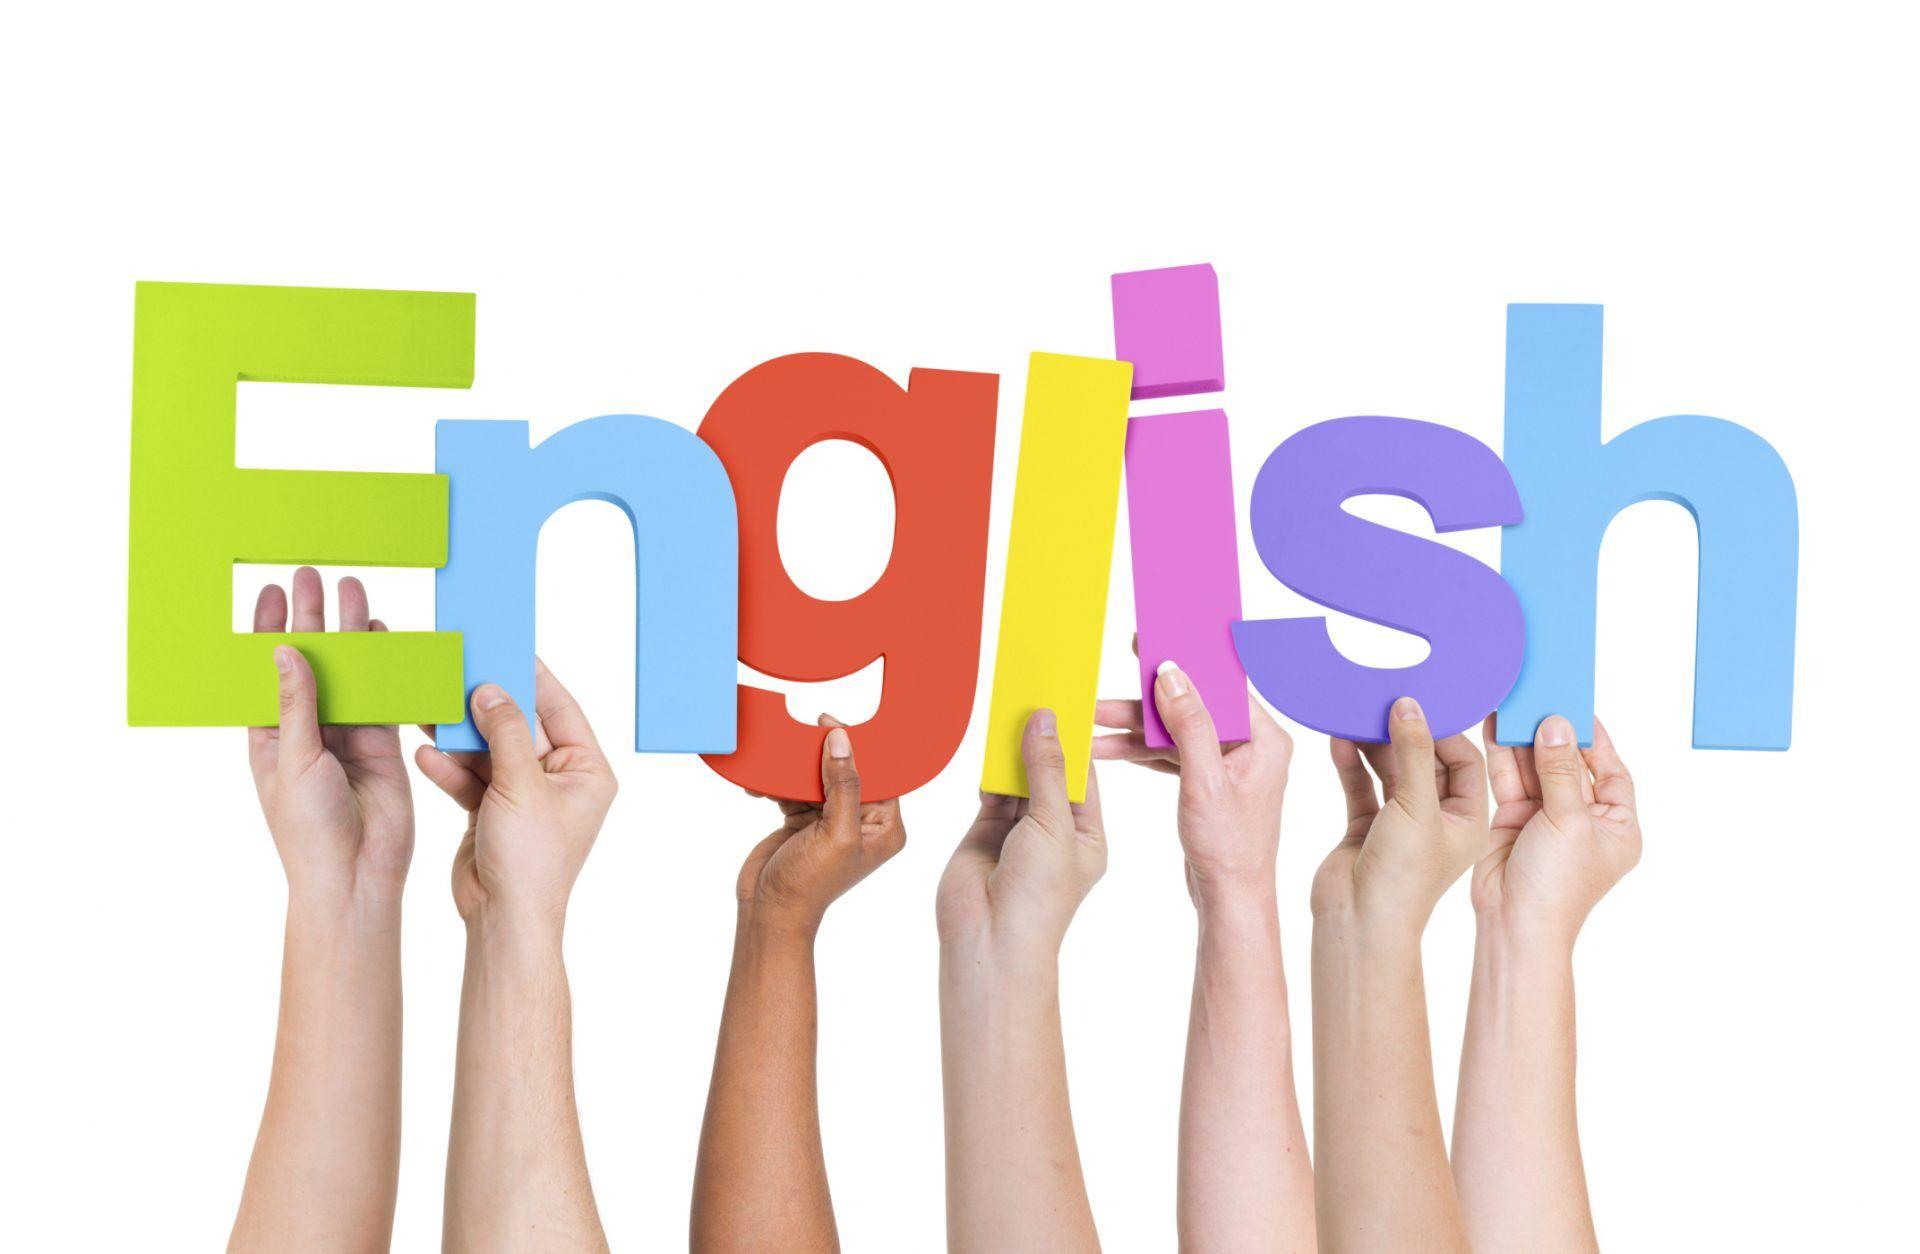 Siete recursos interactivos para profesores de inglés